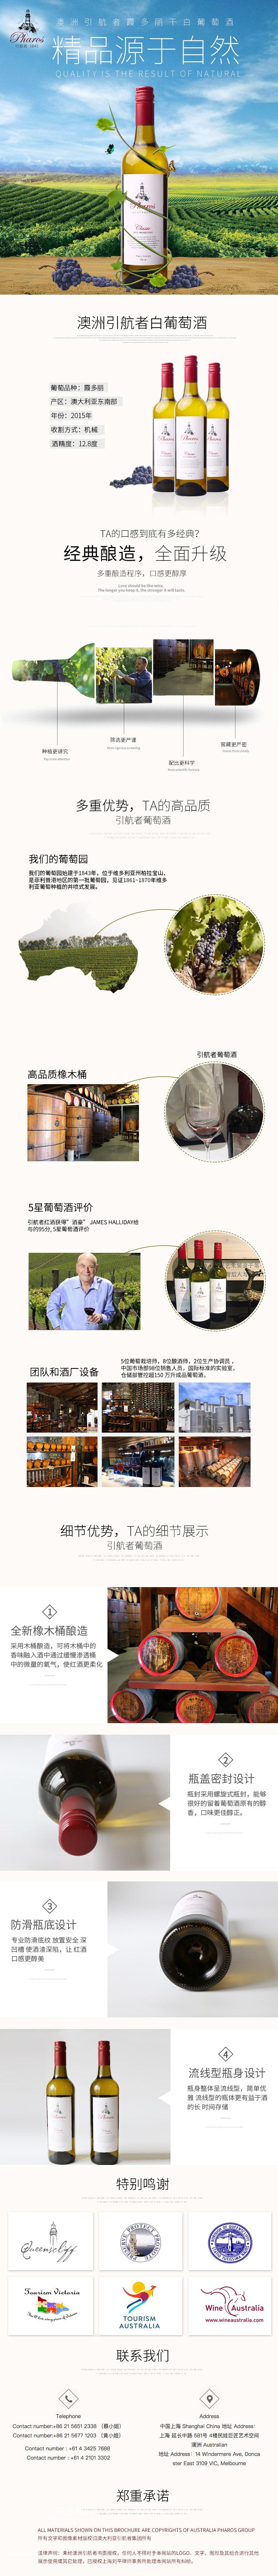 引航者-白葡萄酒.jpg